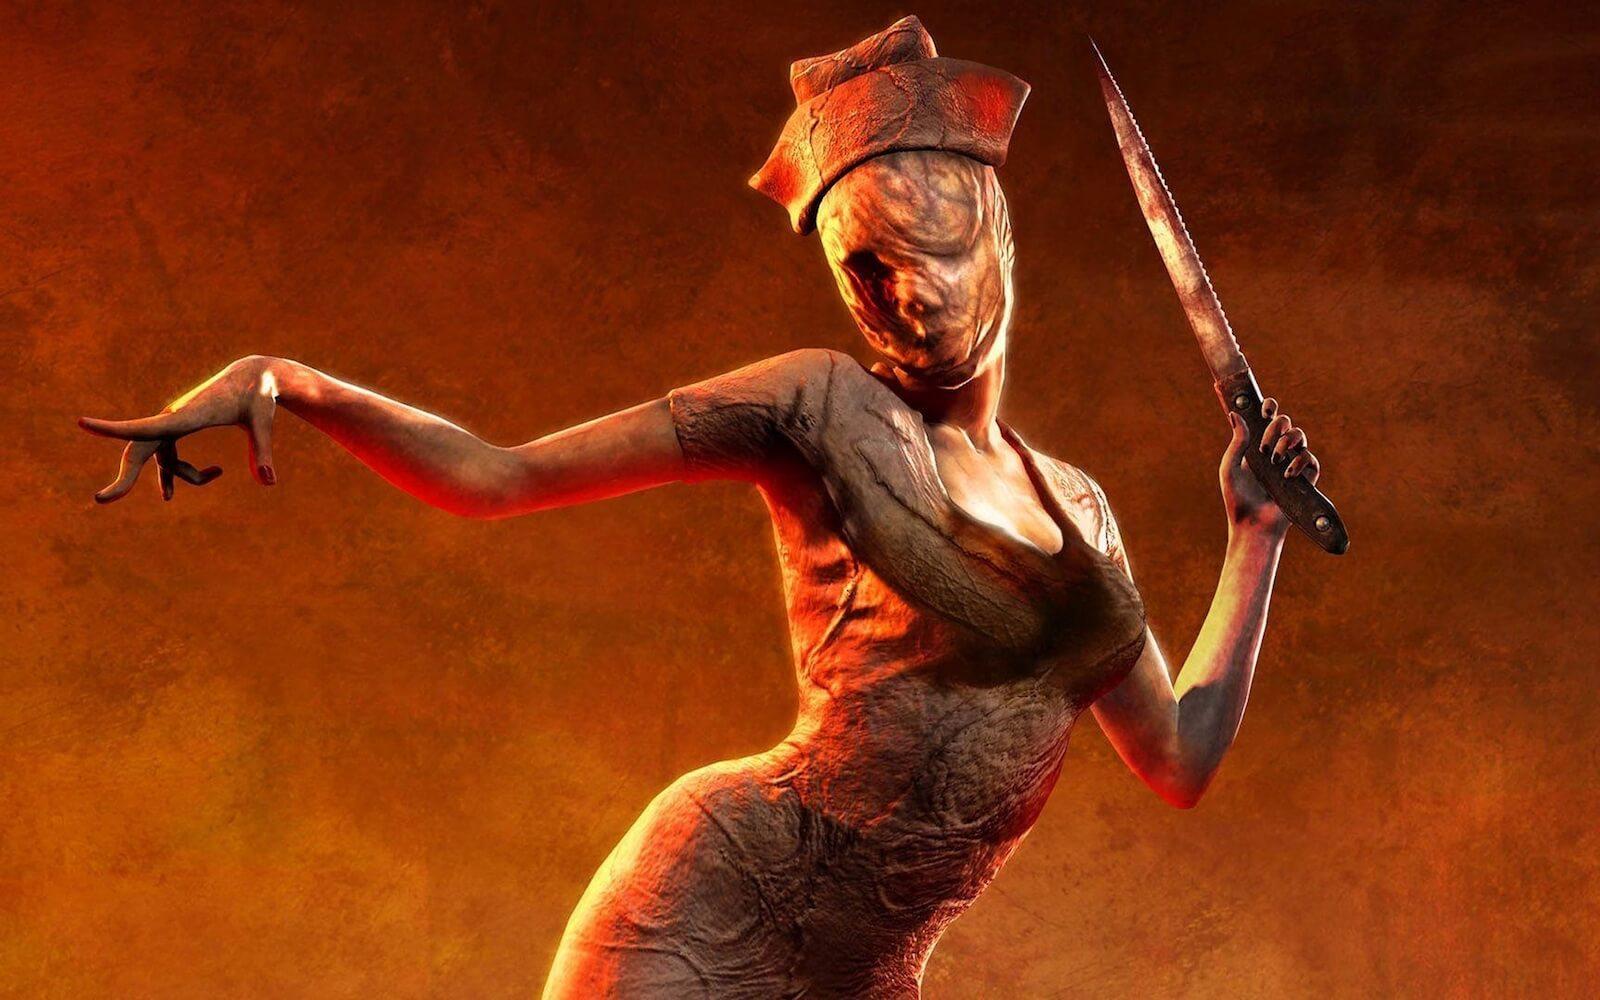 Инсайдер утверждает, что новую часть Silent Hill покажут совсем скоро